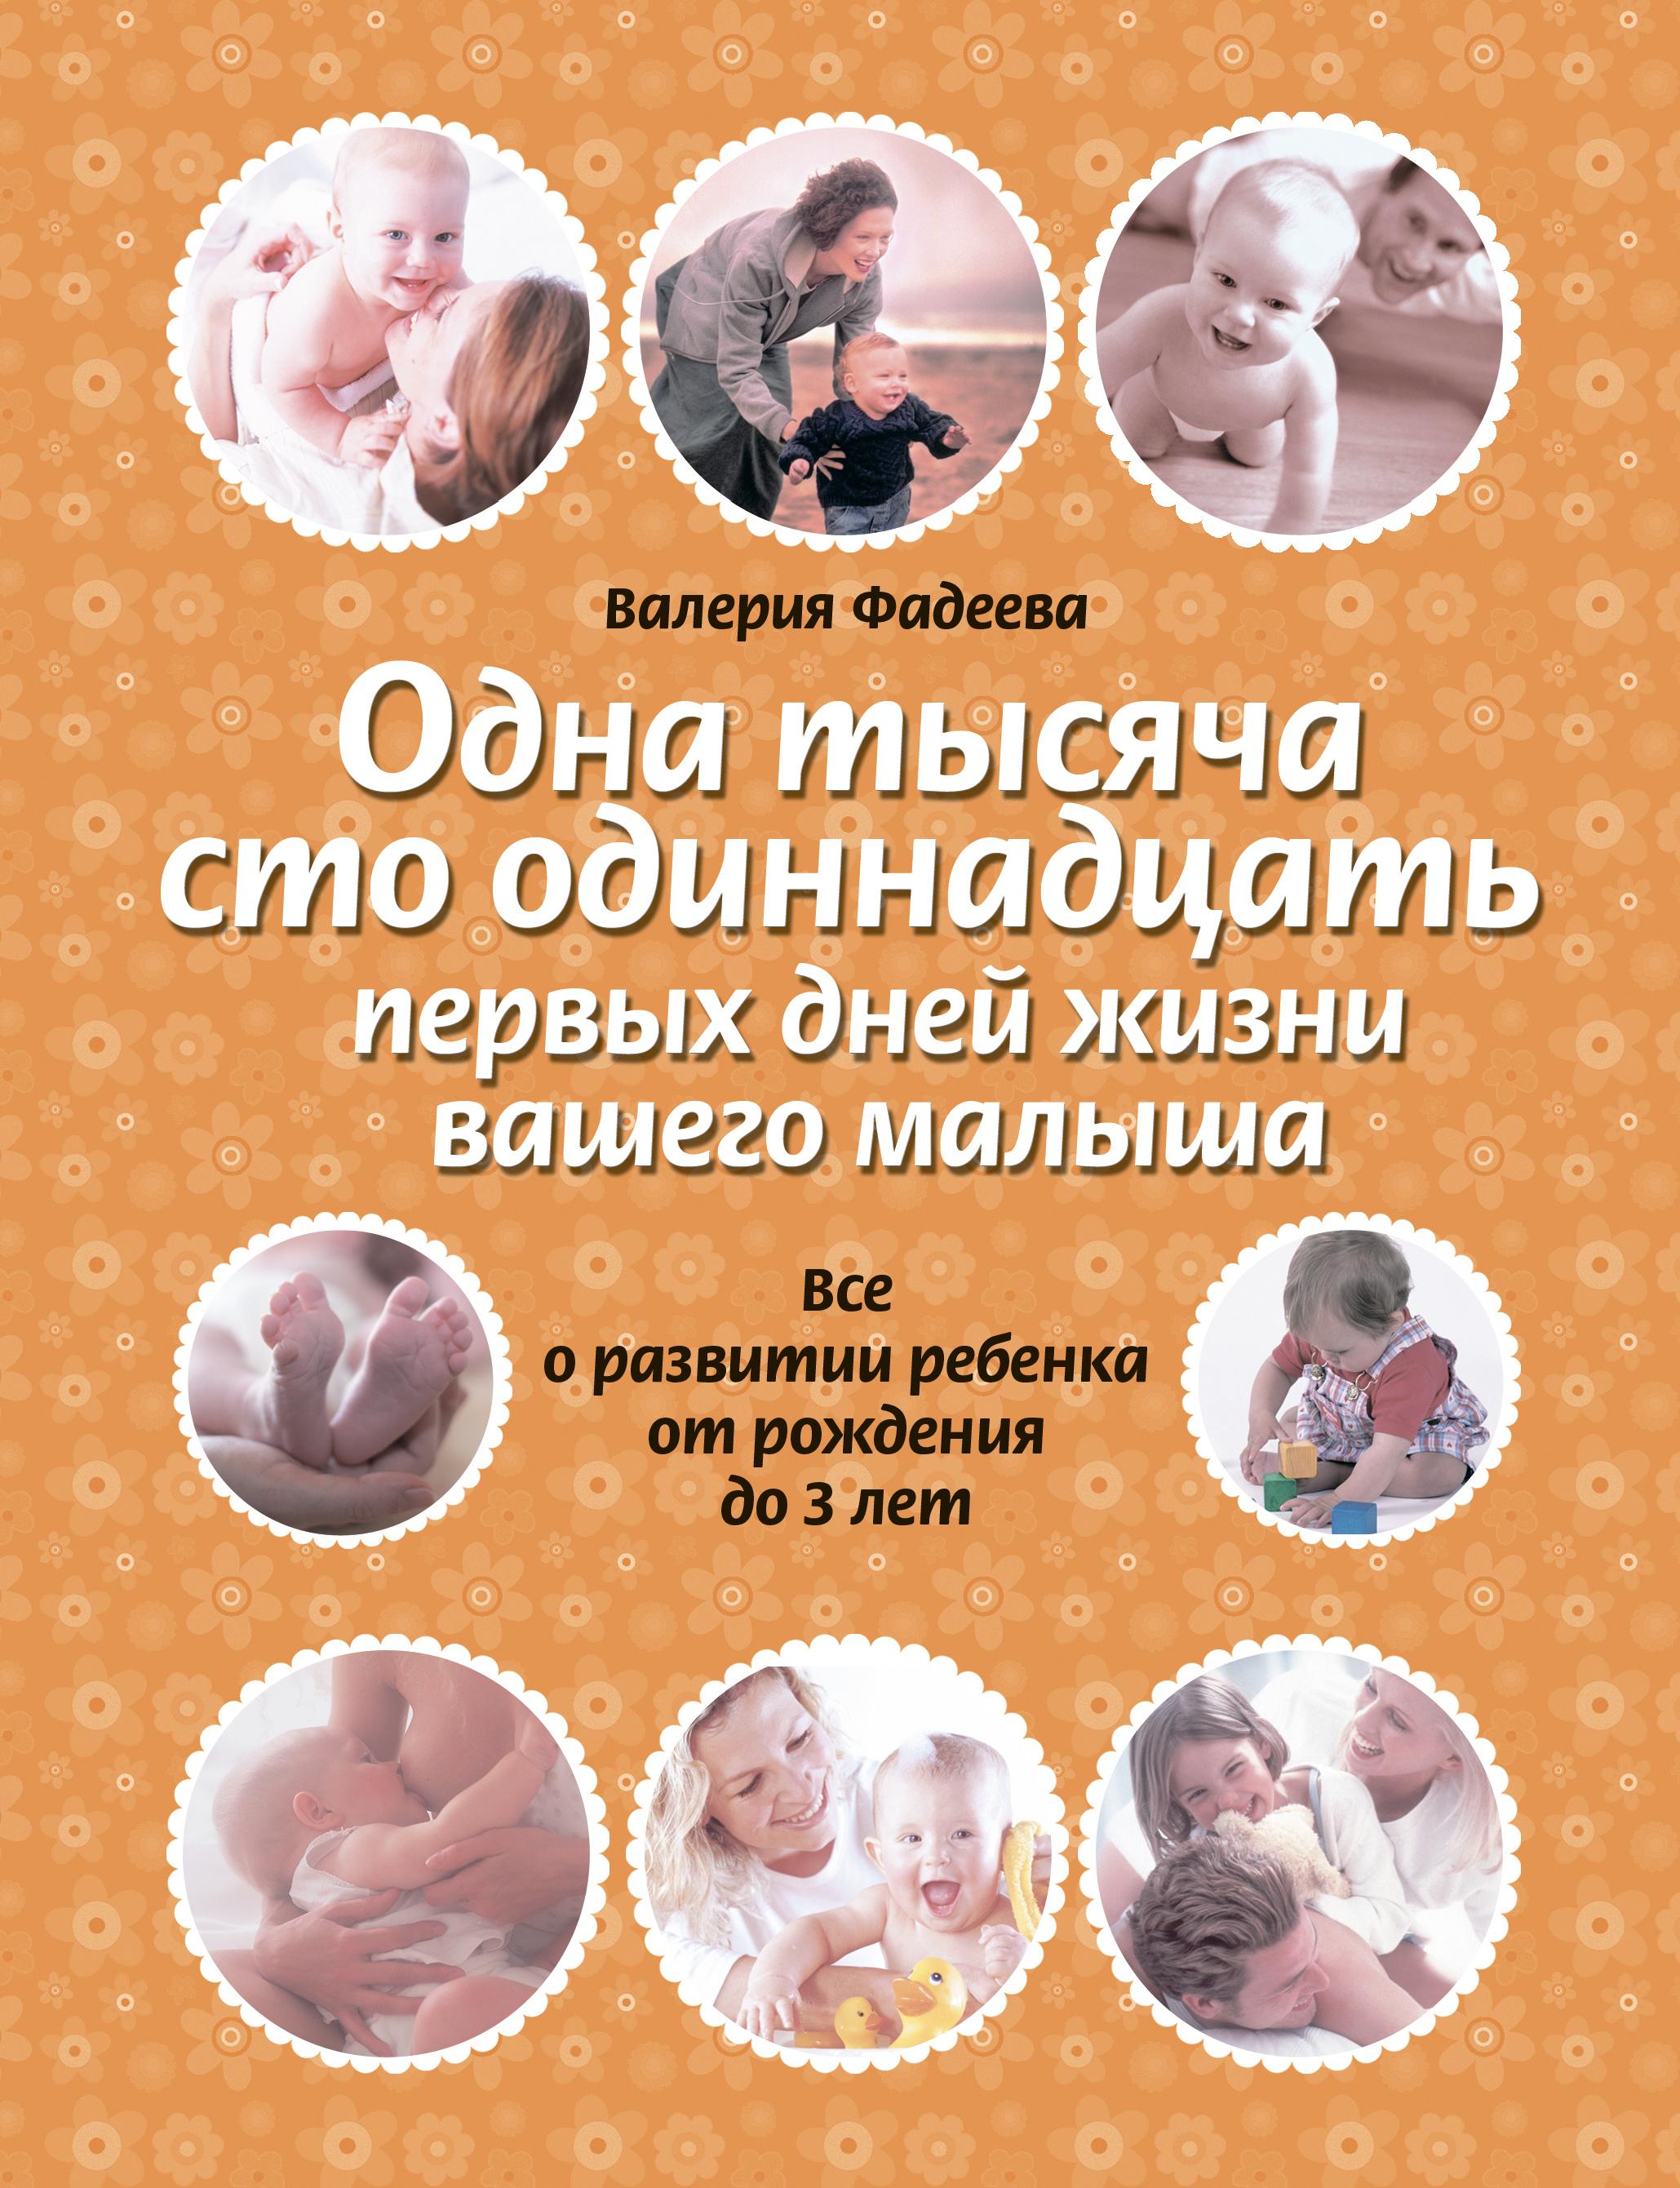 Валерия Фадеева Одна тысяча сто одиннадцать первых дней жизни вашего малыша. Все о развитии ребенка от рождения до 3 лет фадеева в в одна тысяча сто одиннадцать первых дней жизни вашего малыша